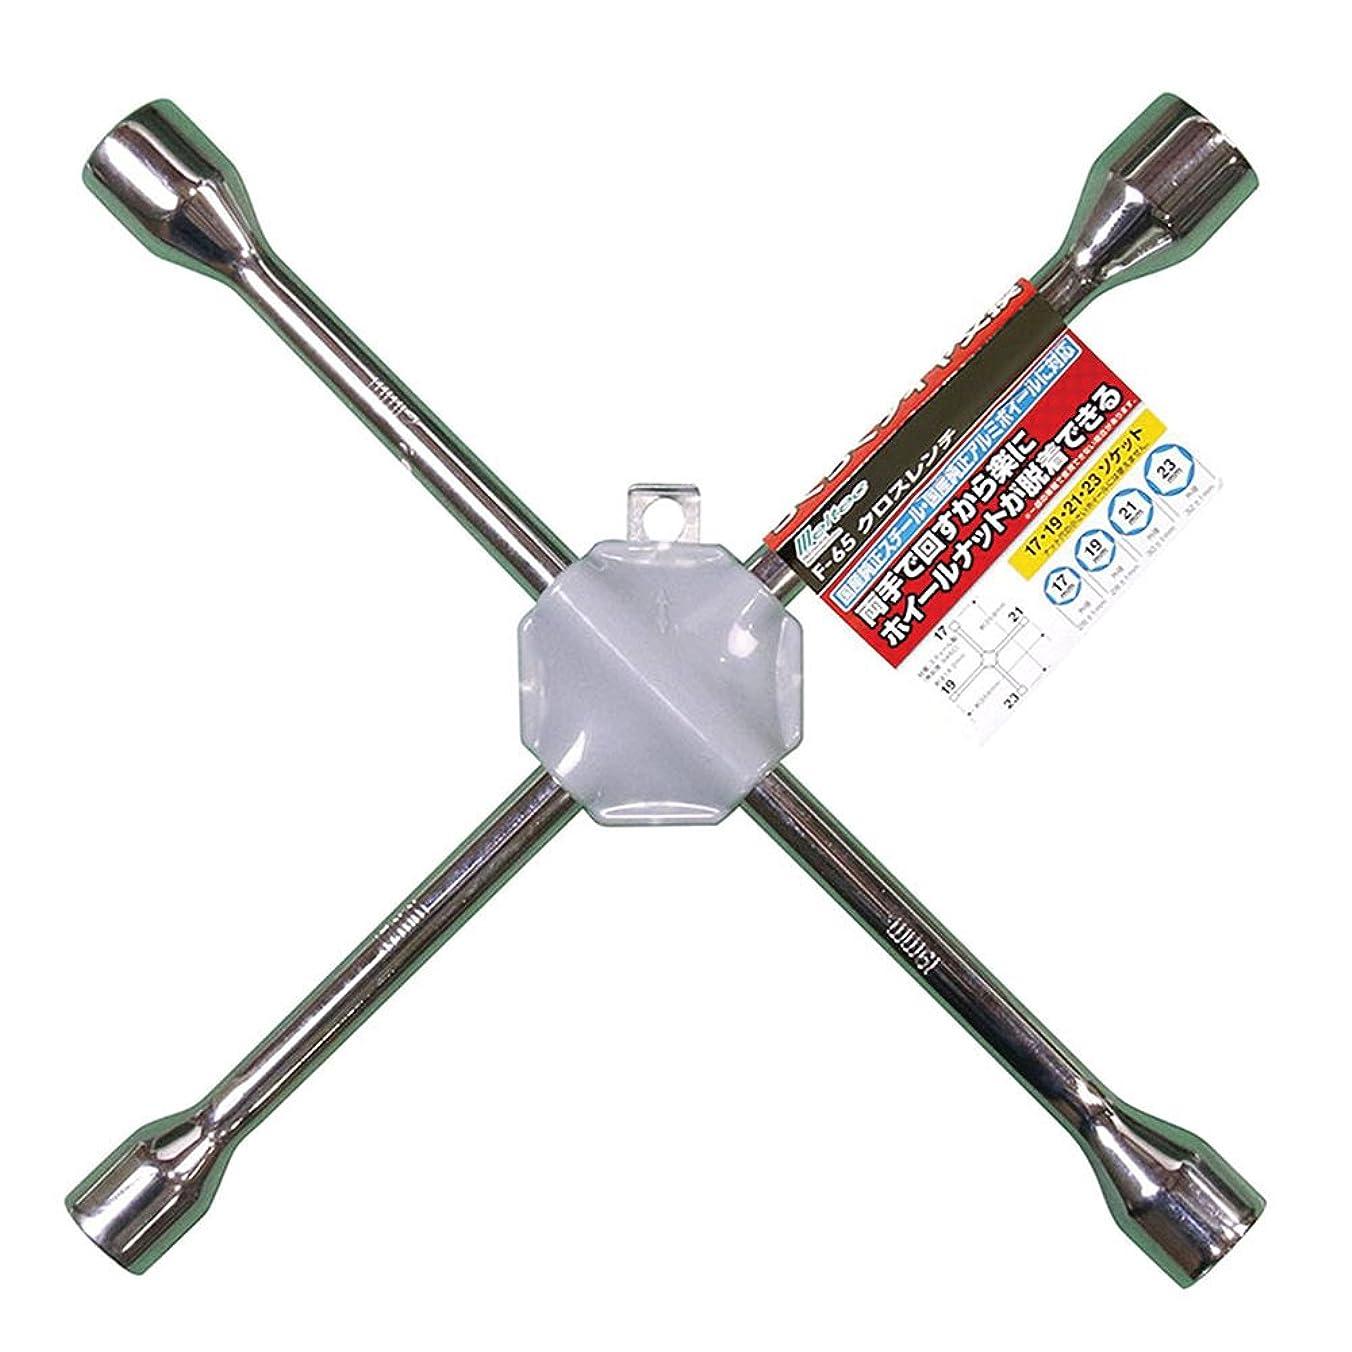 メルテック クロスレンチ ソケットサイズ:17/19/21/23mm Meltec F-65